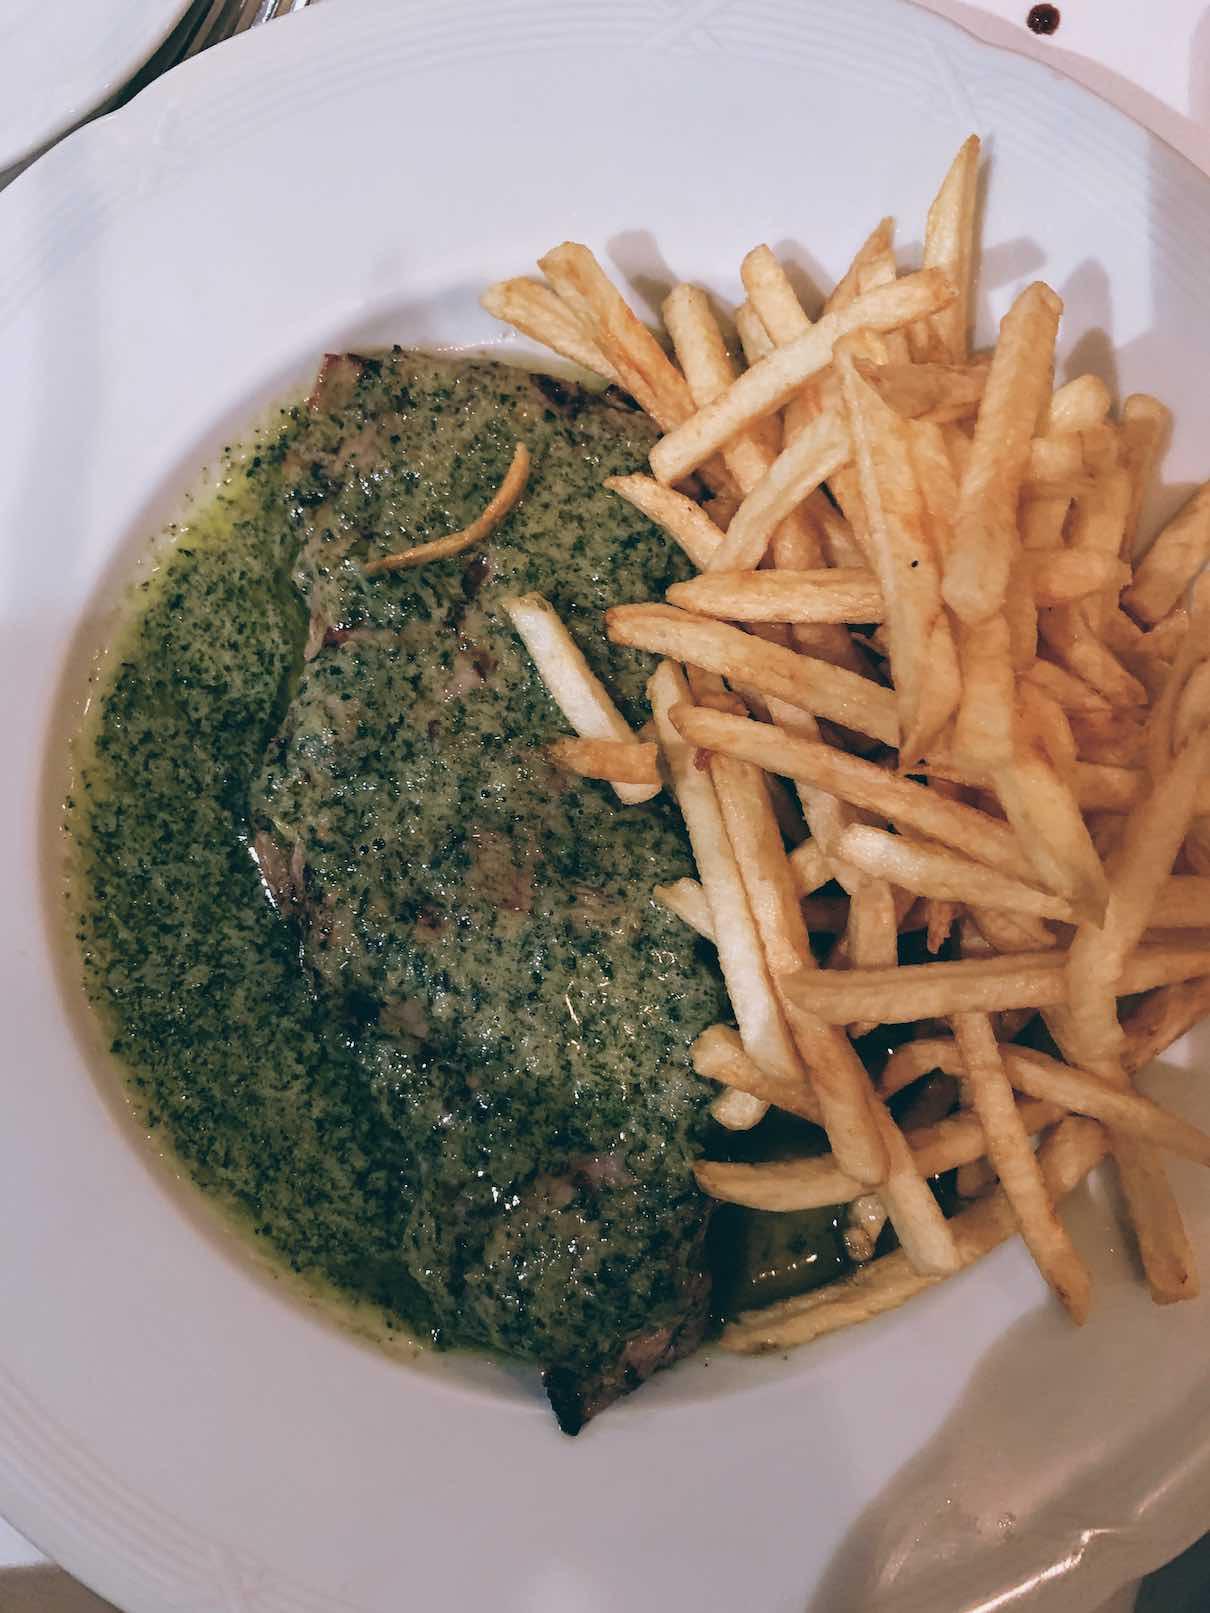 A classic French recipe of enrtecote with Cafe de Paris sauce